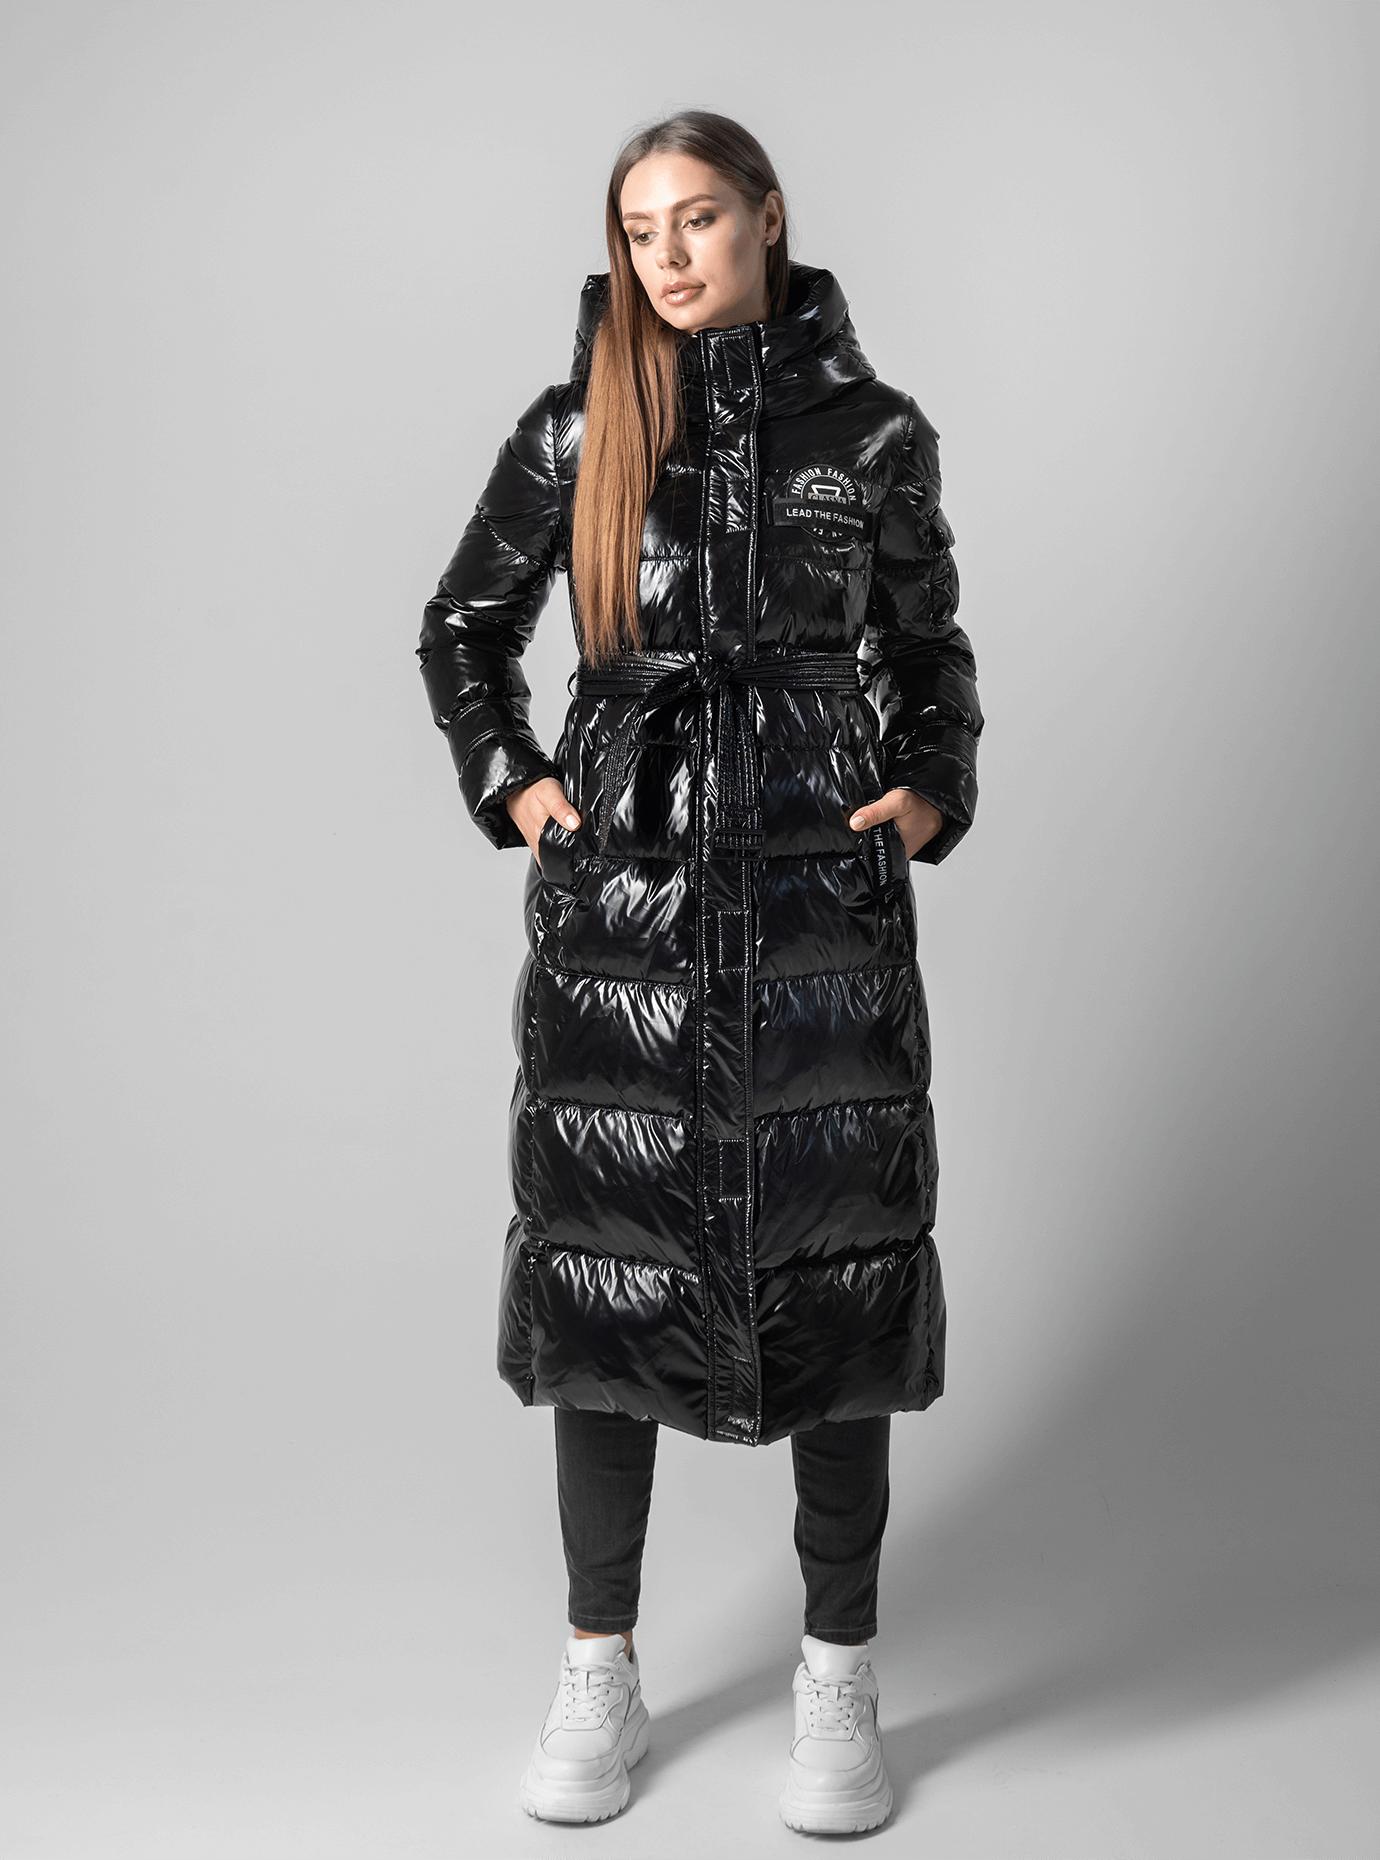 Пуховик женский с капюшоном Чёрный XL (01-9018): фото - Alster.ua